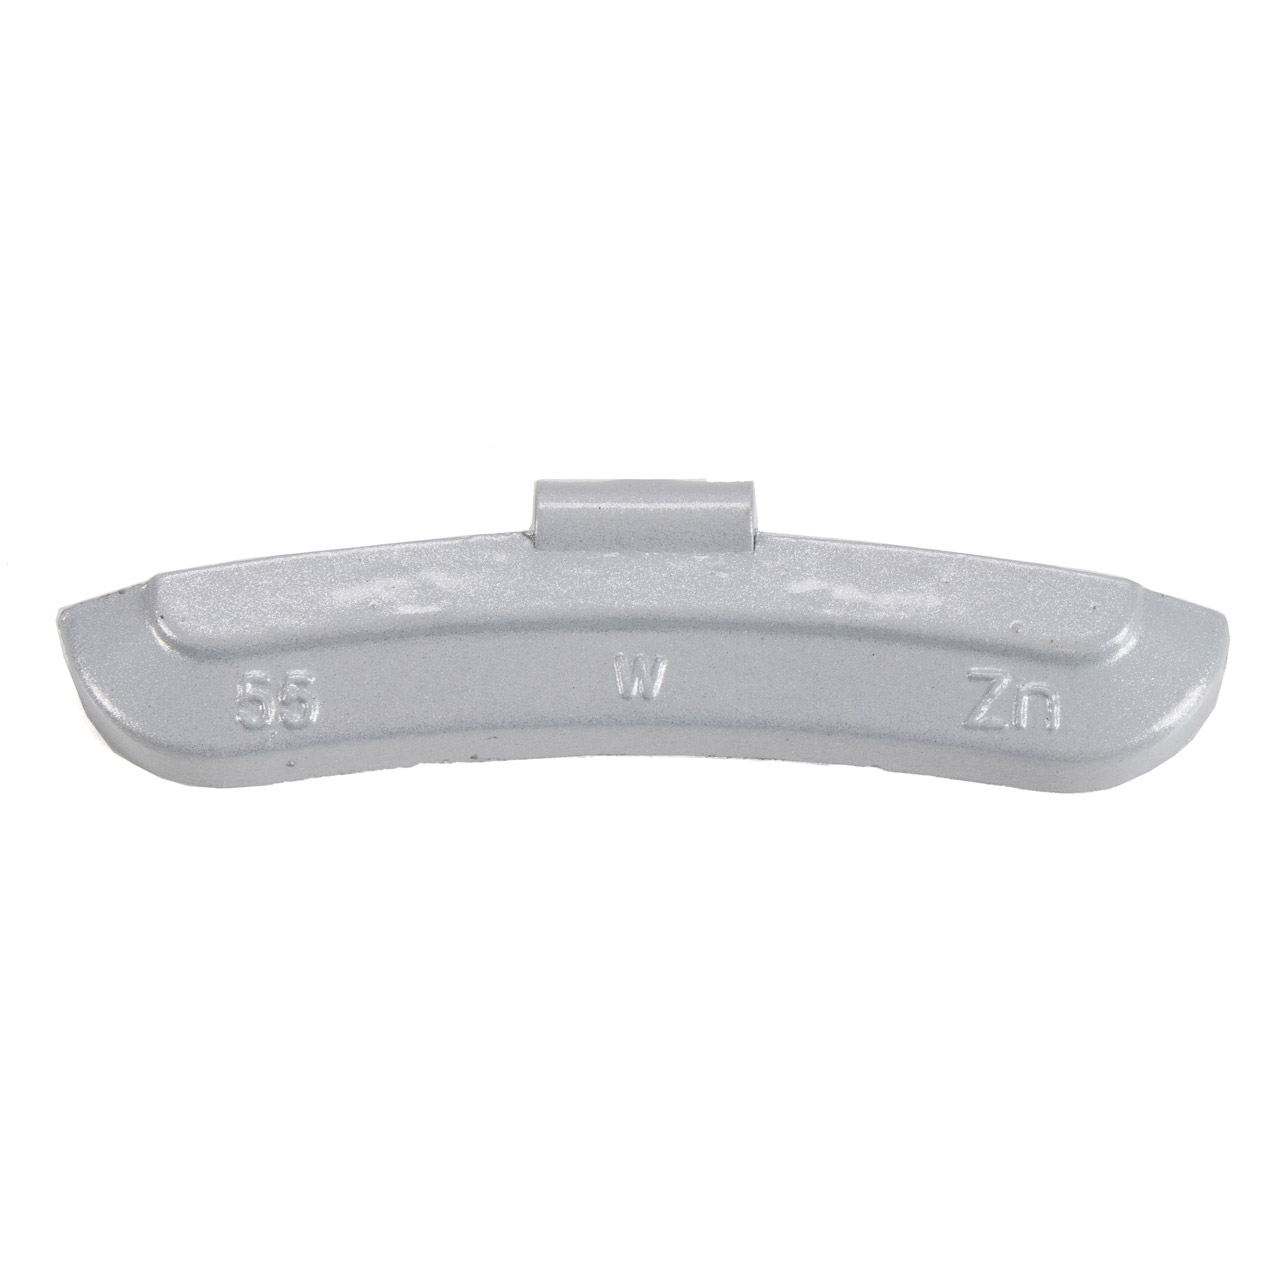 GEMATIC Auswuchtgewicht Schlaggewicht für Stahlfelge GRAU-ZINK 50 Stück x 55g